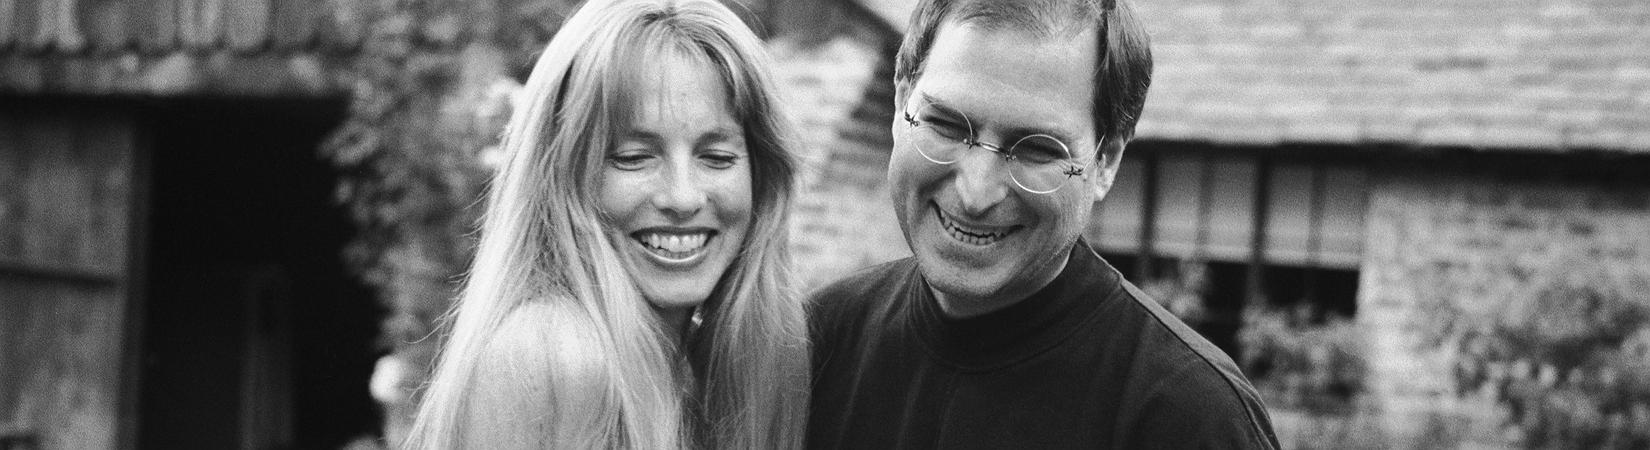 قصة لورين باول: كيف أصبحت زوجة ستيف جوبز مستثمرة ذات نفوذ